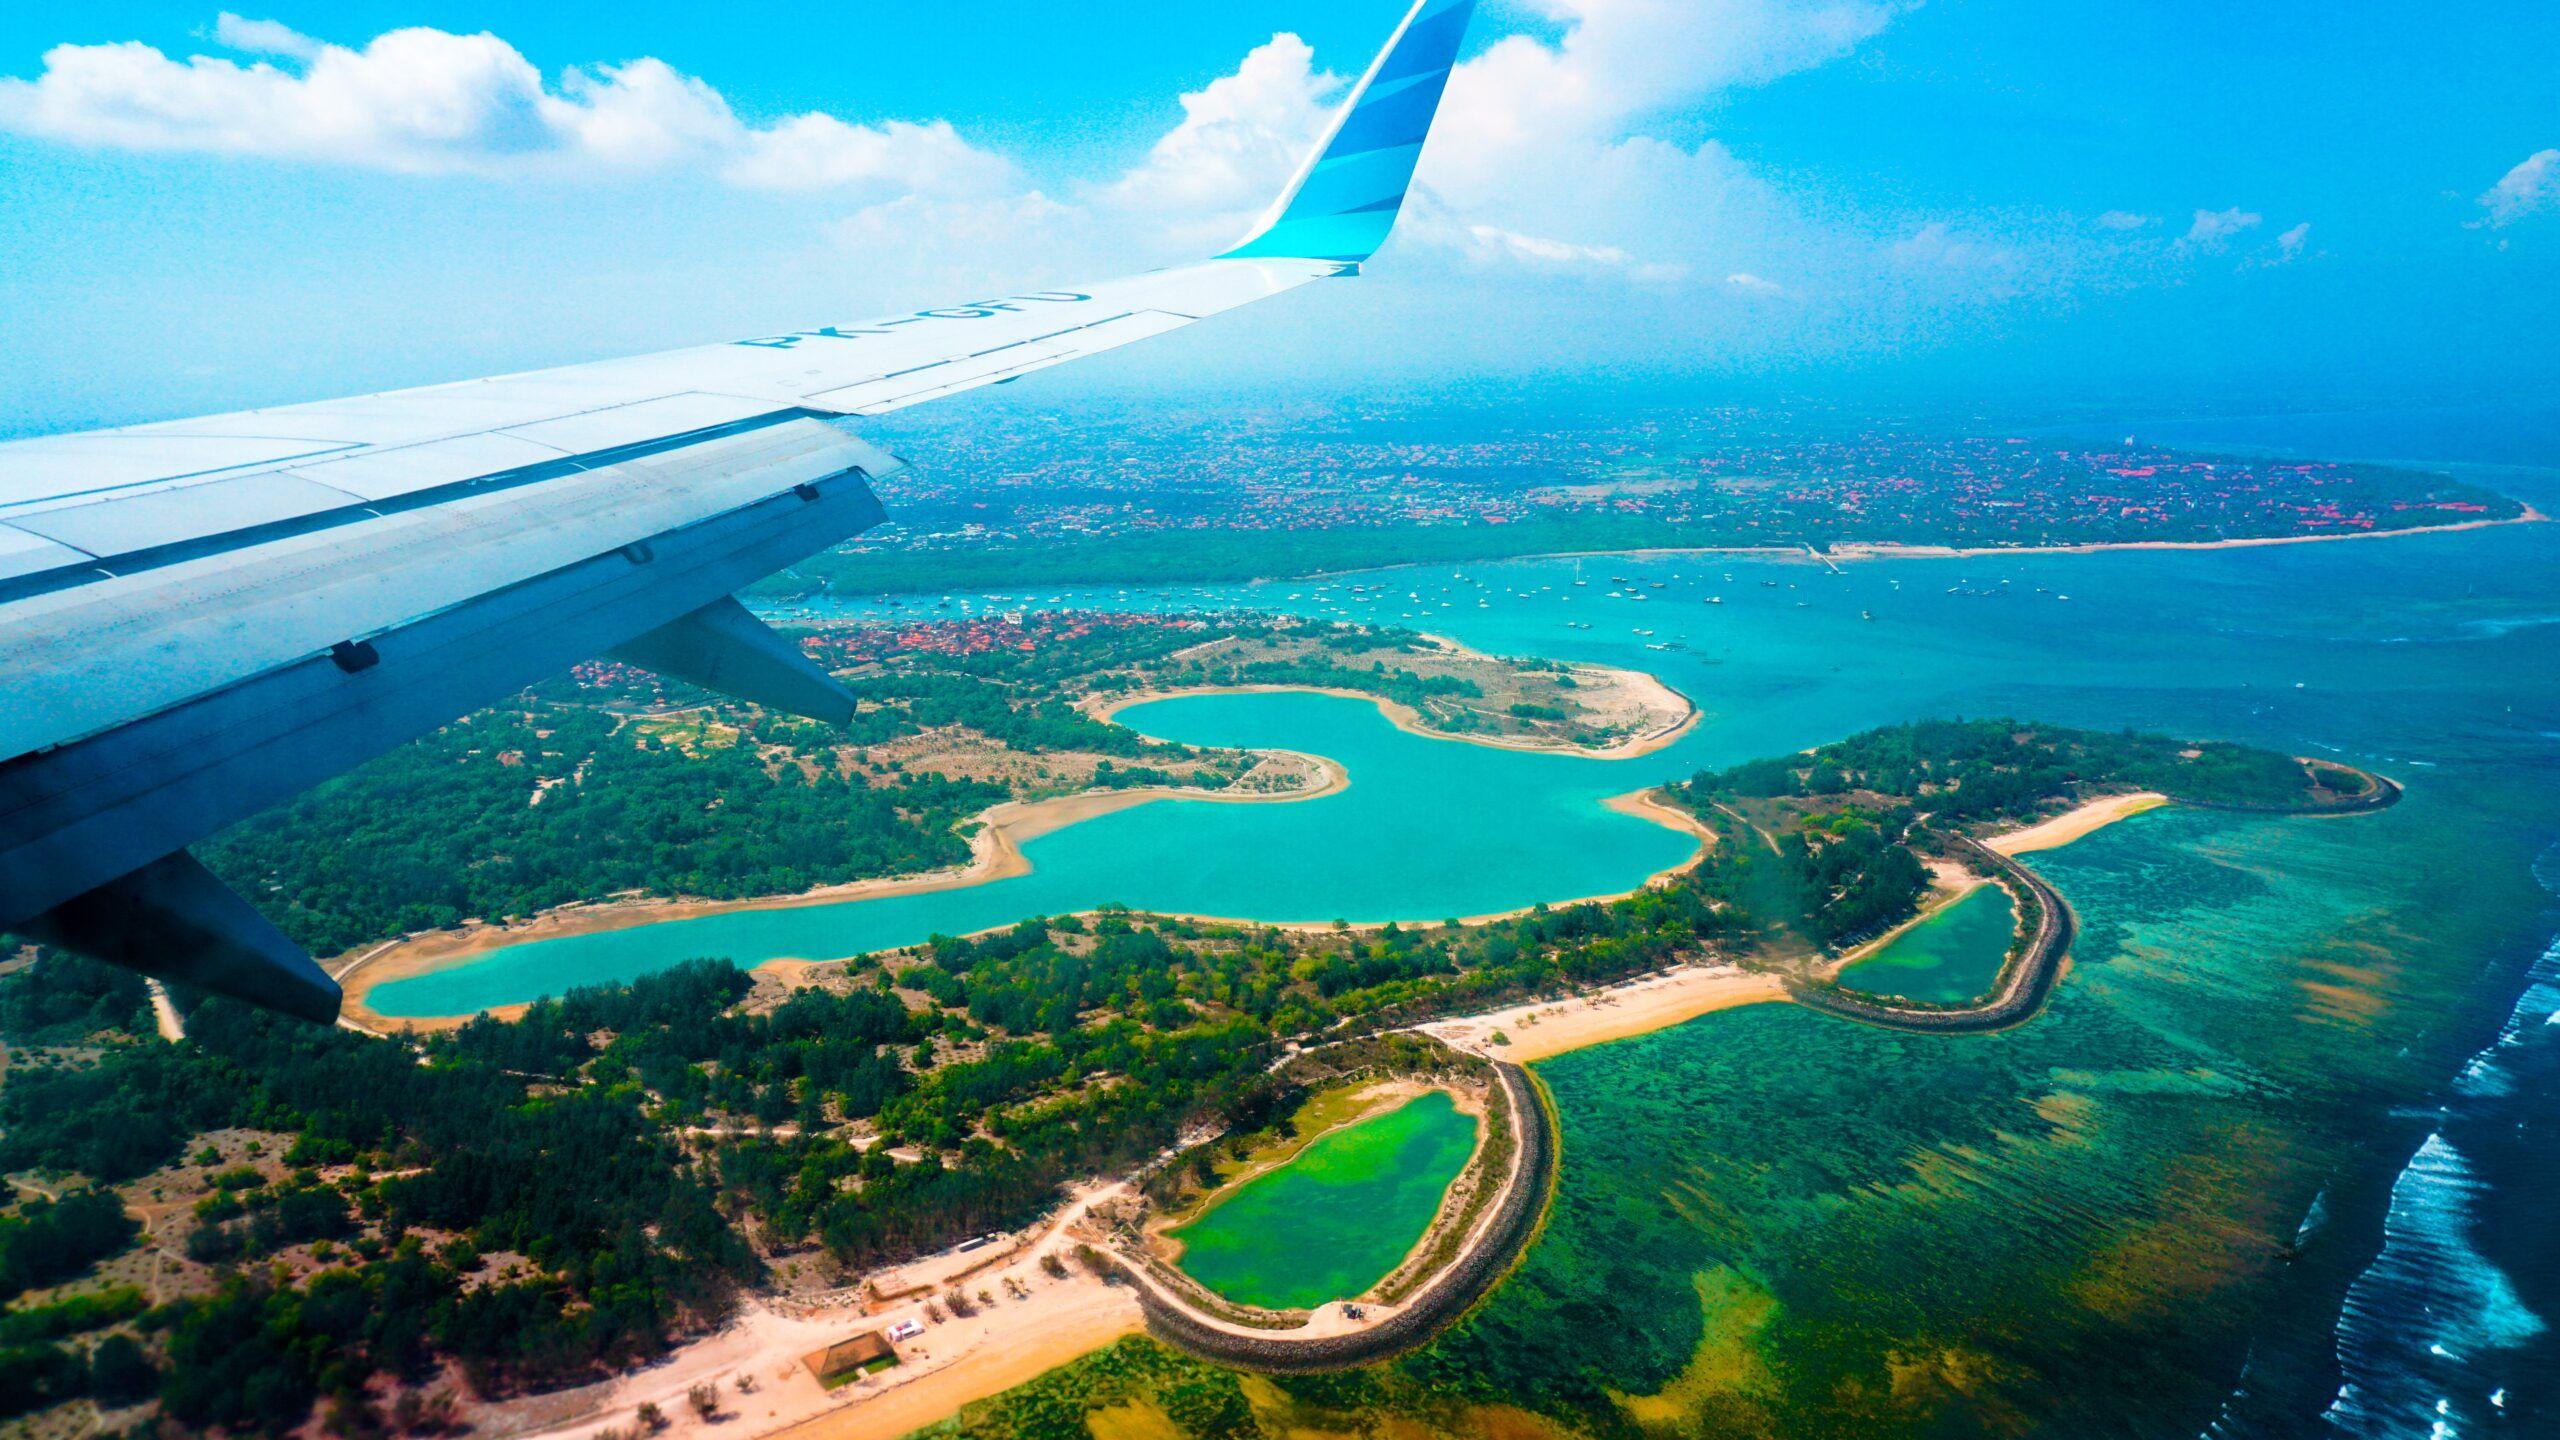 How to reachto Bali from Mumbai?